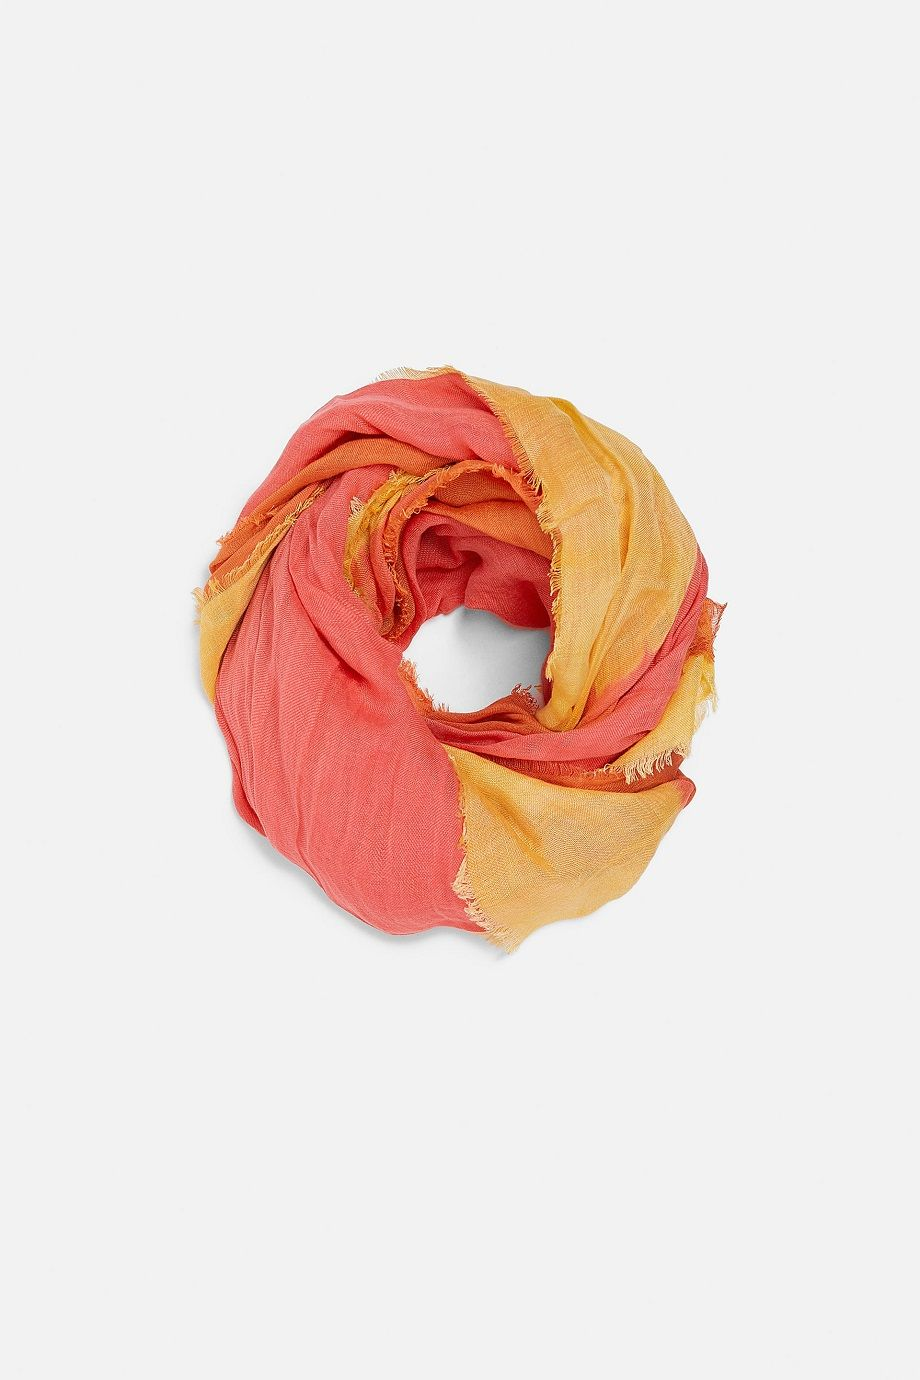 Tampil Trendi di Bulan Puasa, Andalkan 7 Hijab Print Scarf Yuk!